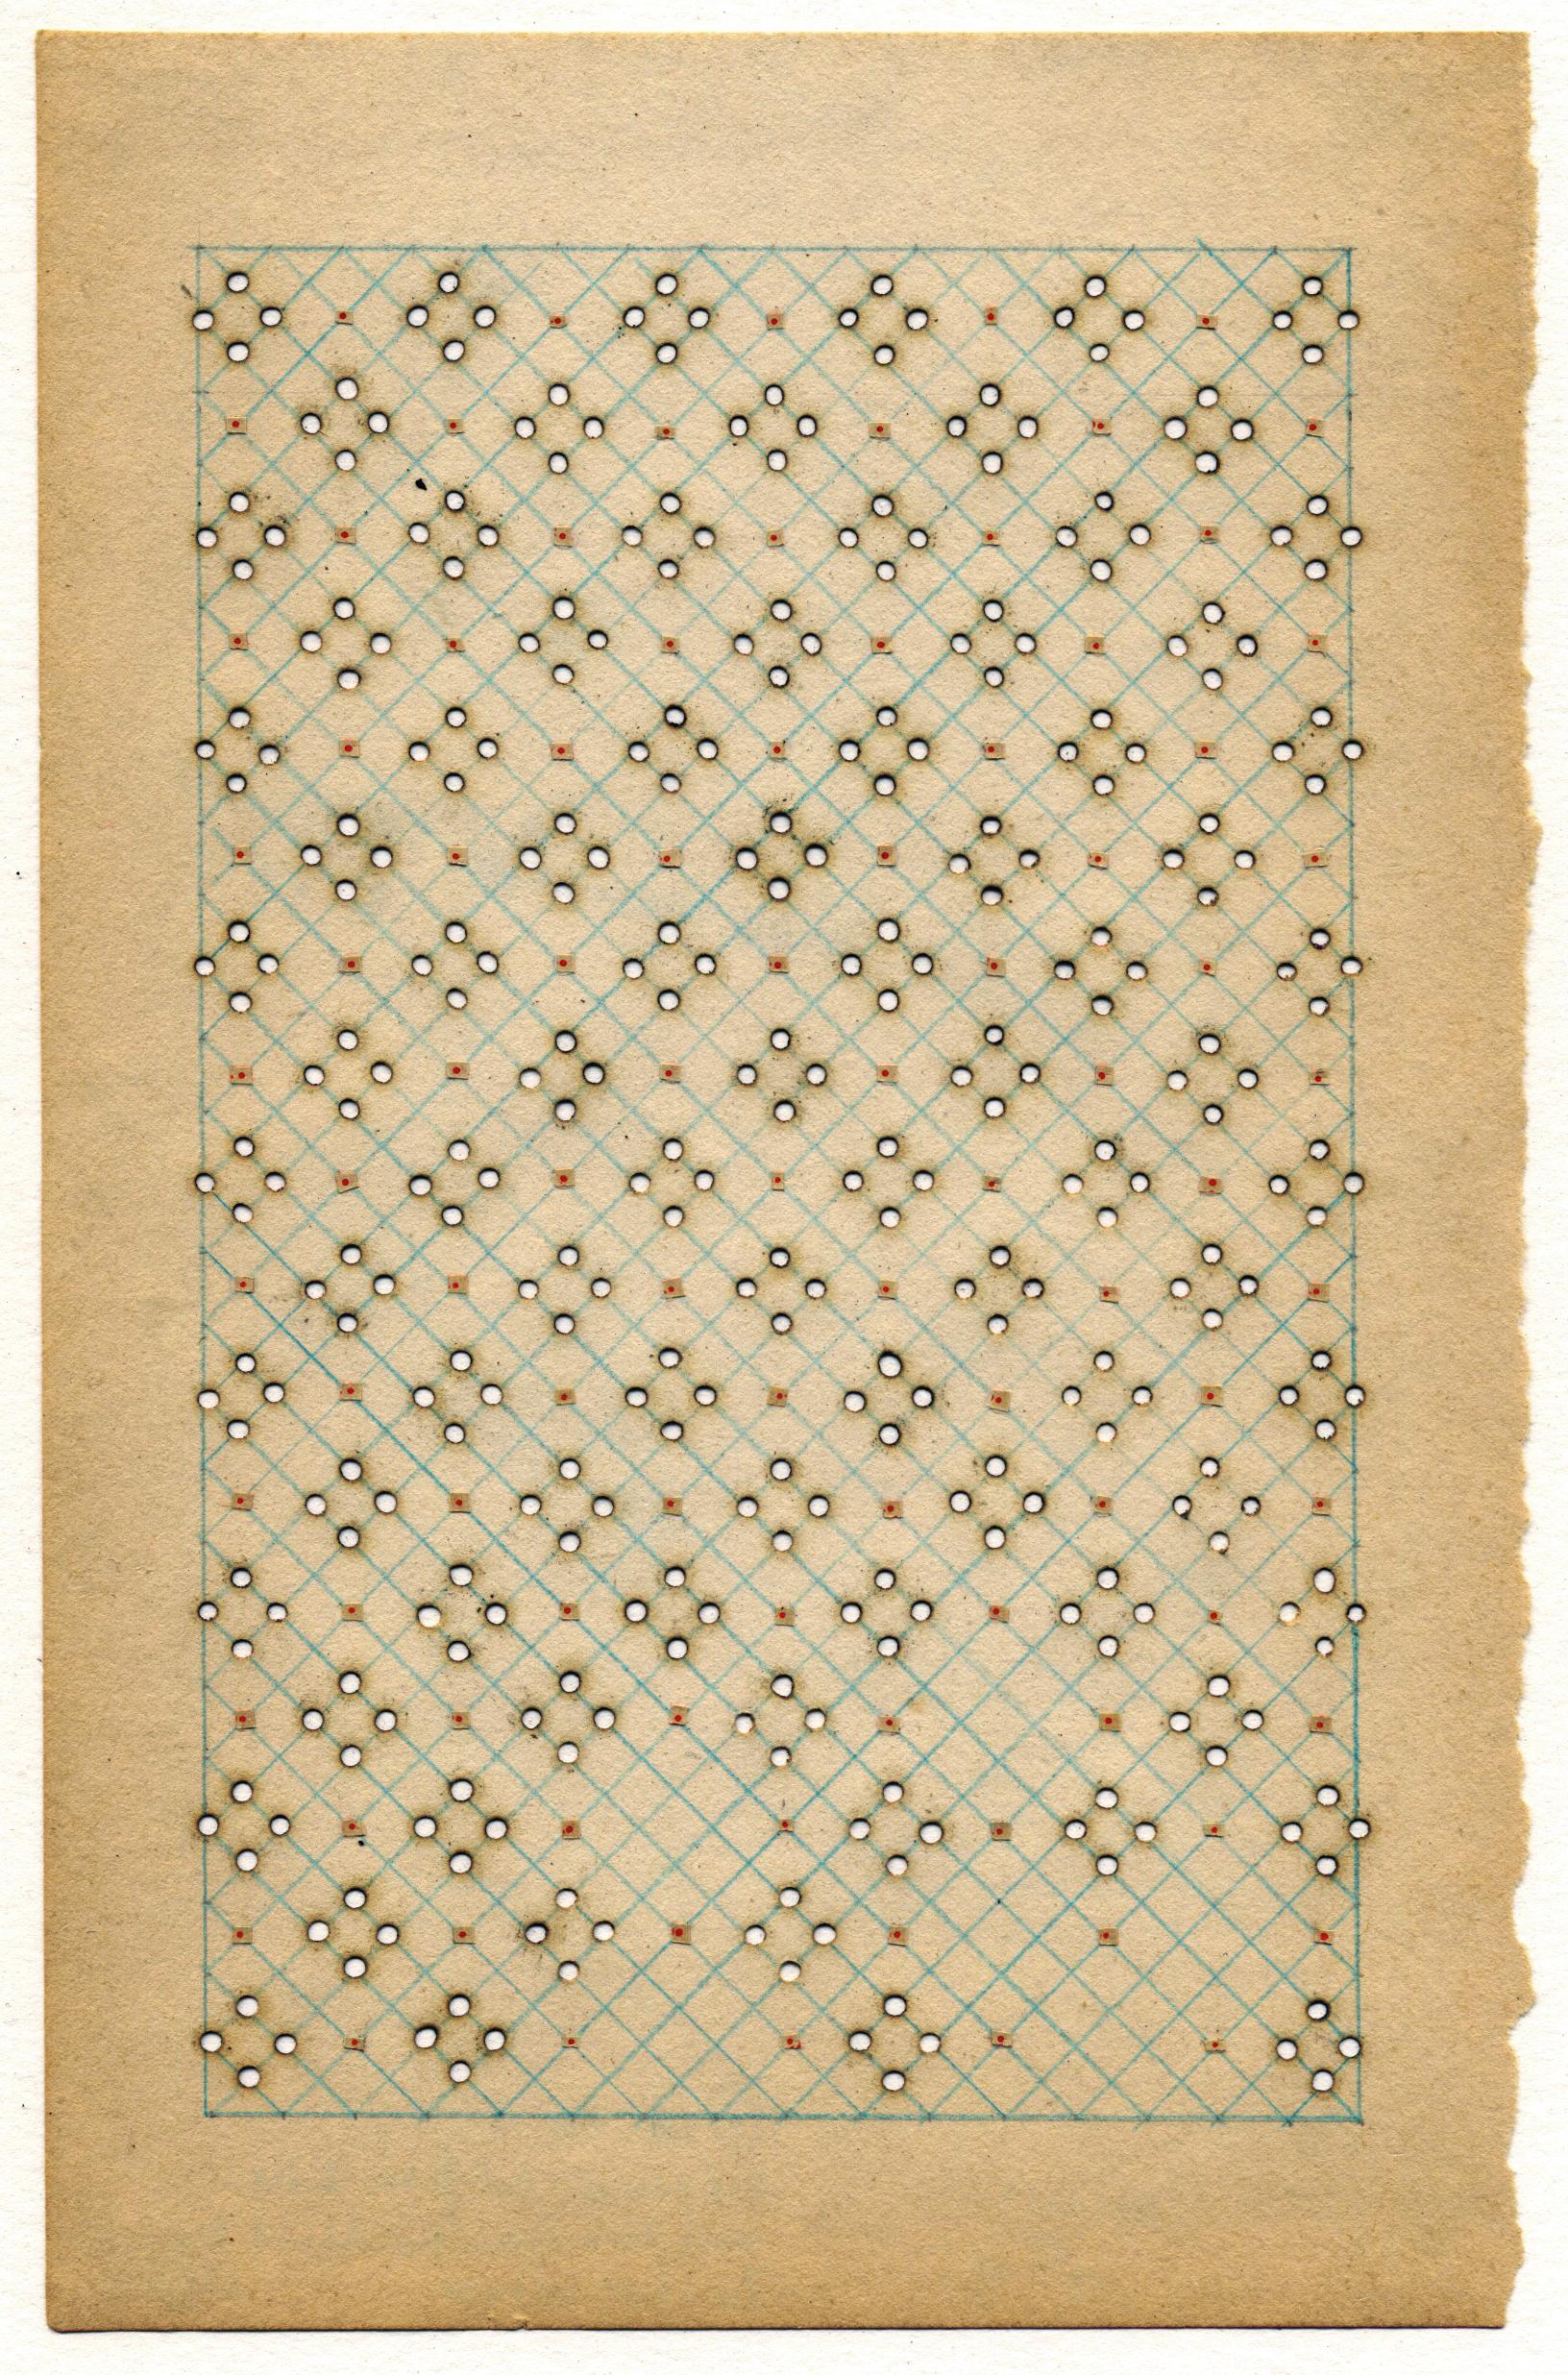 Grid No. 1